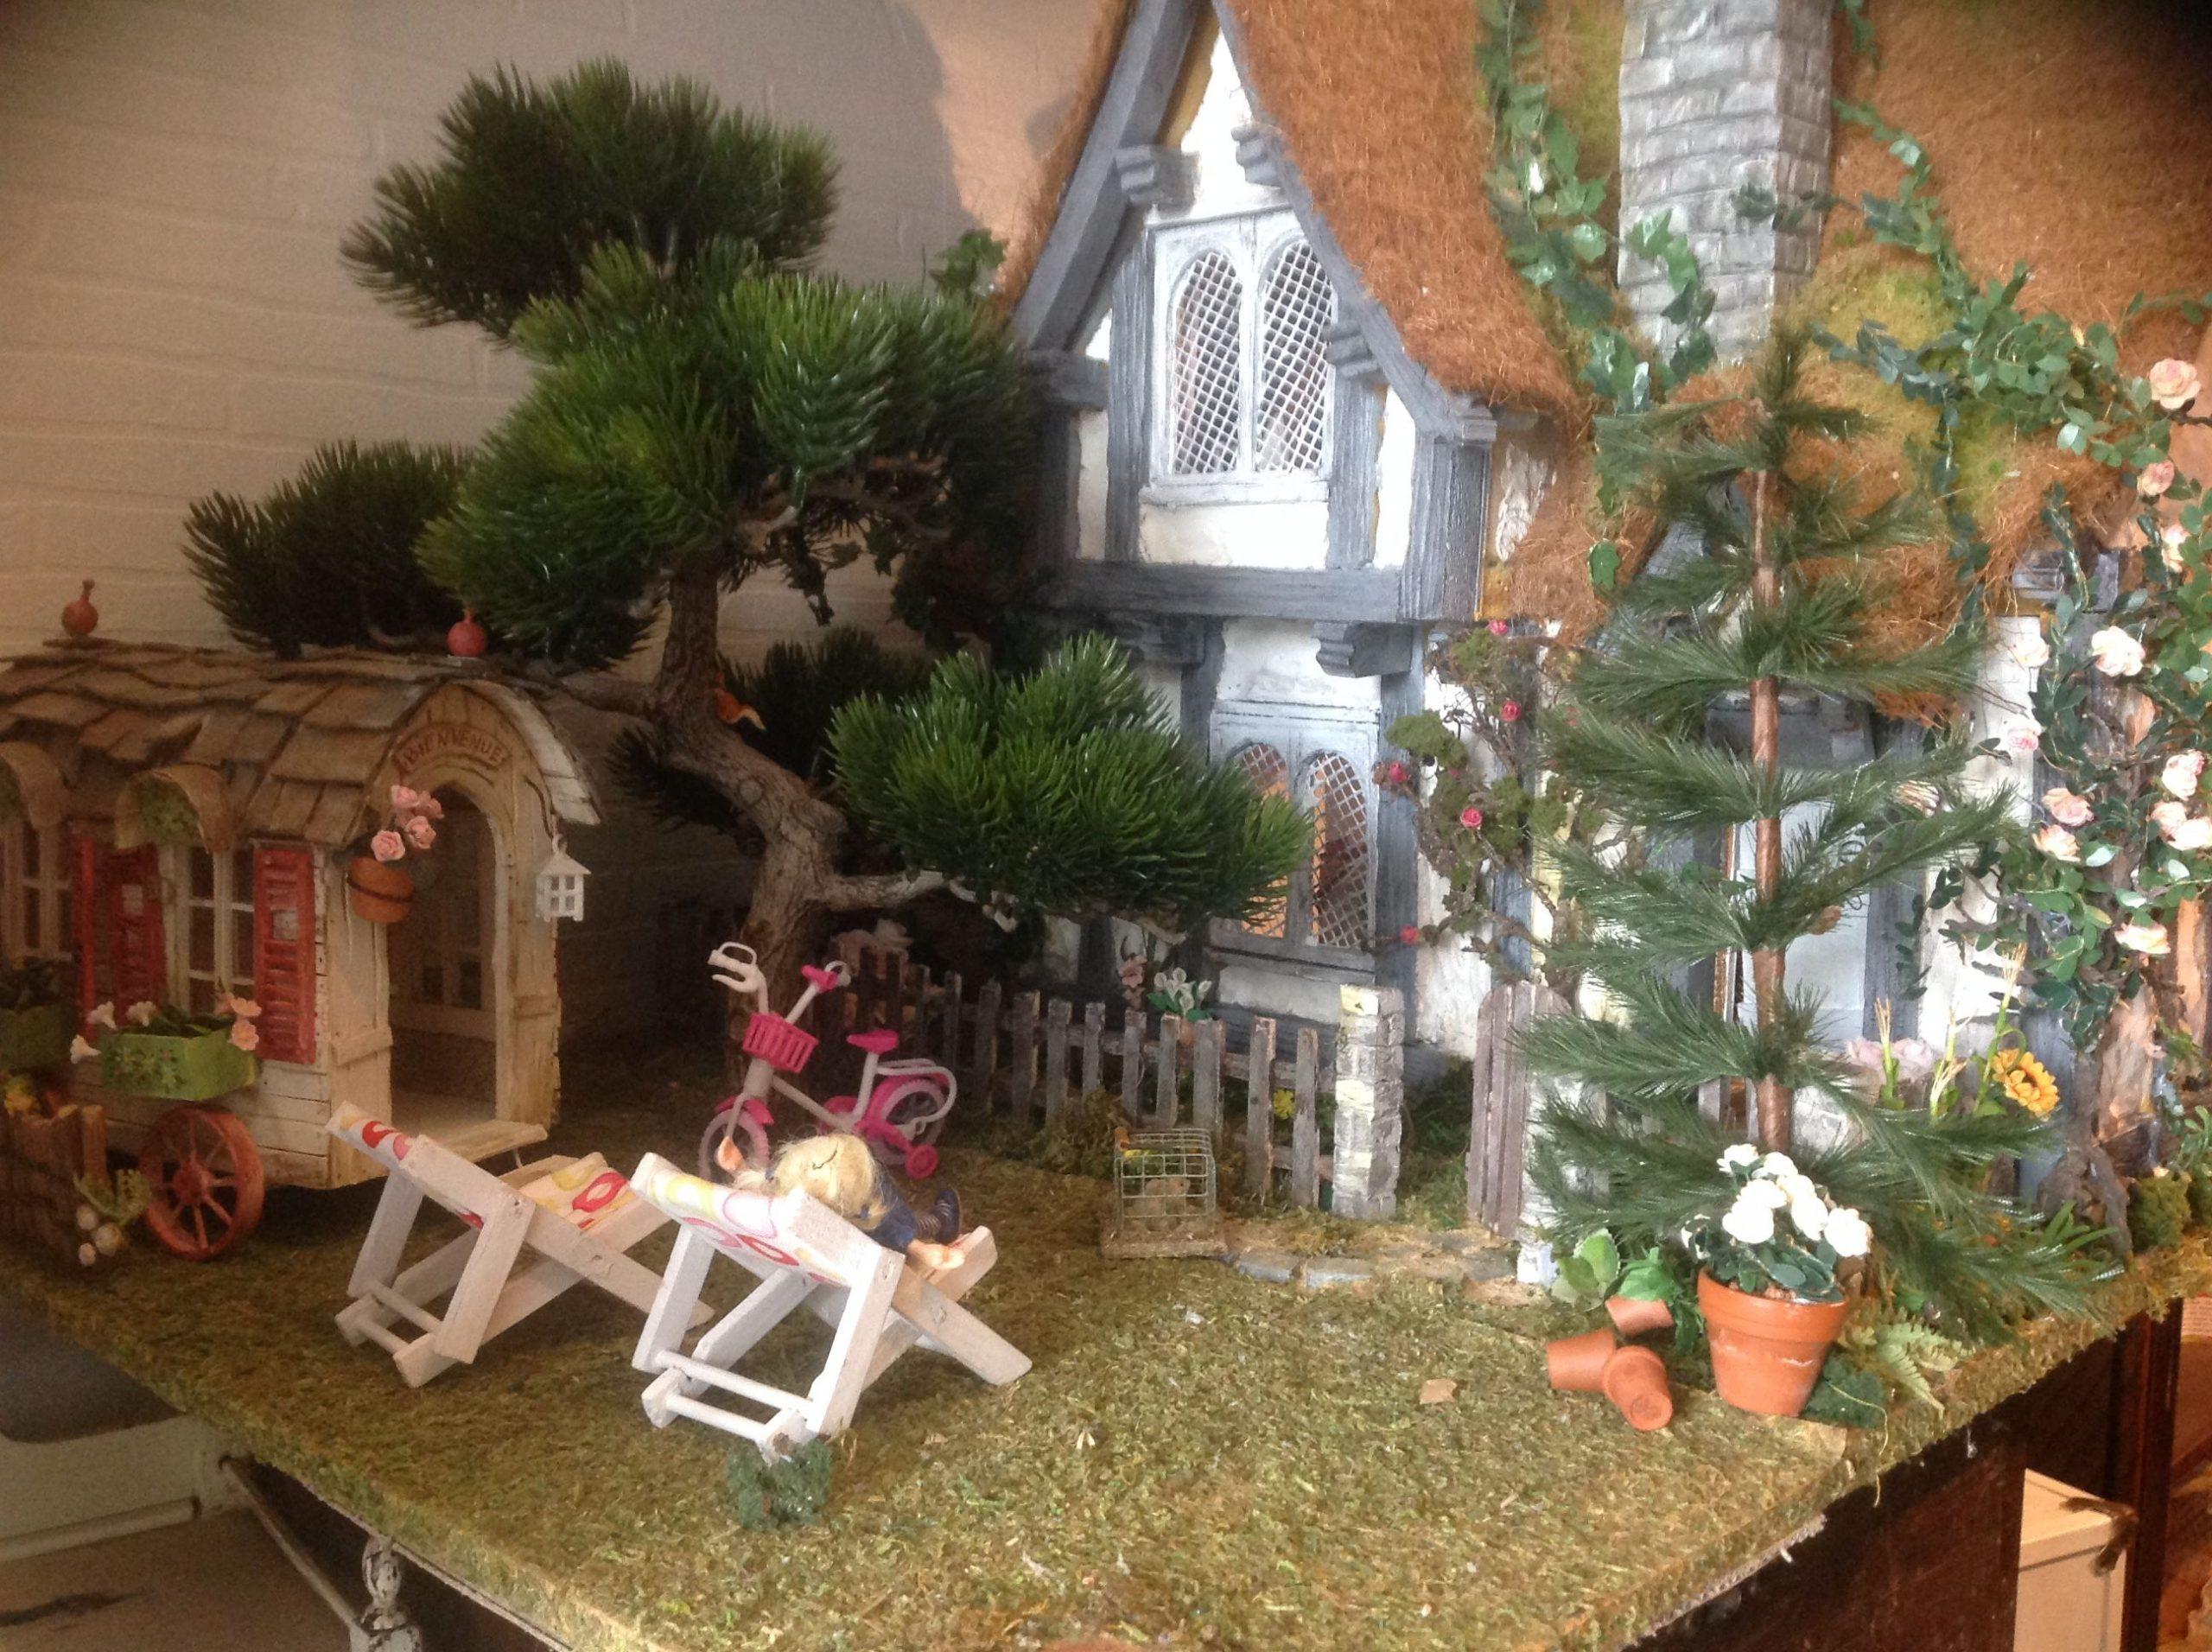 Maison Poupee Miniature Cottage Jardin | Poupées Miniatures ... intérieur Maison Jardin Jouet